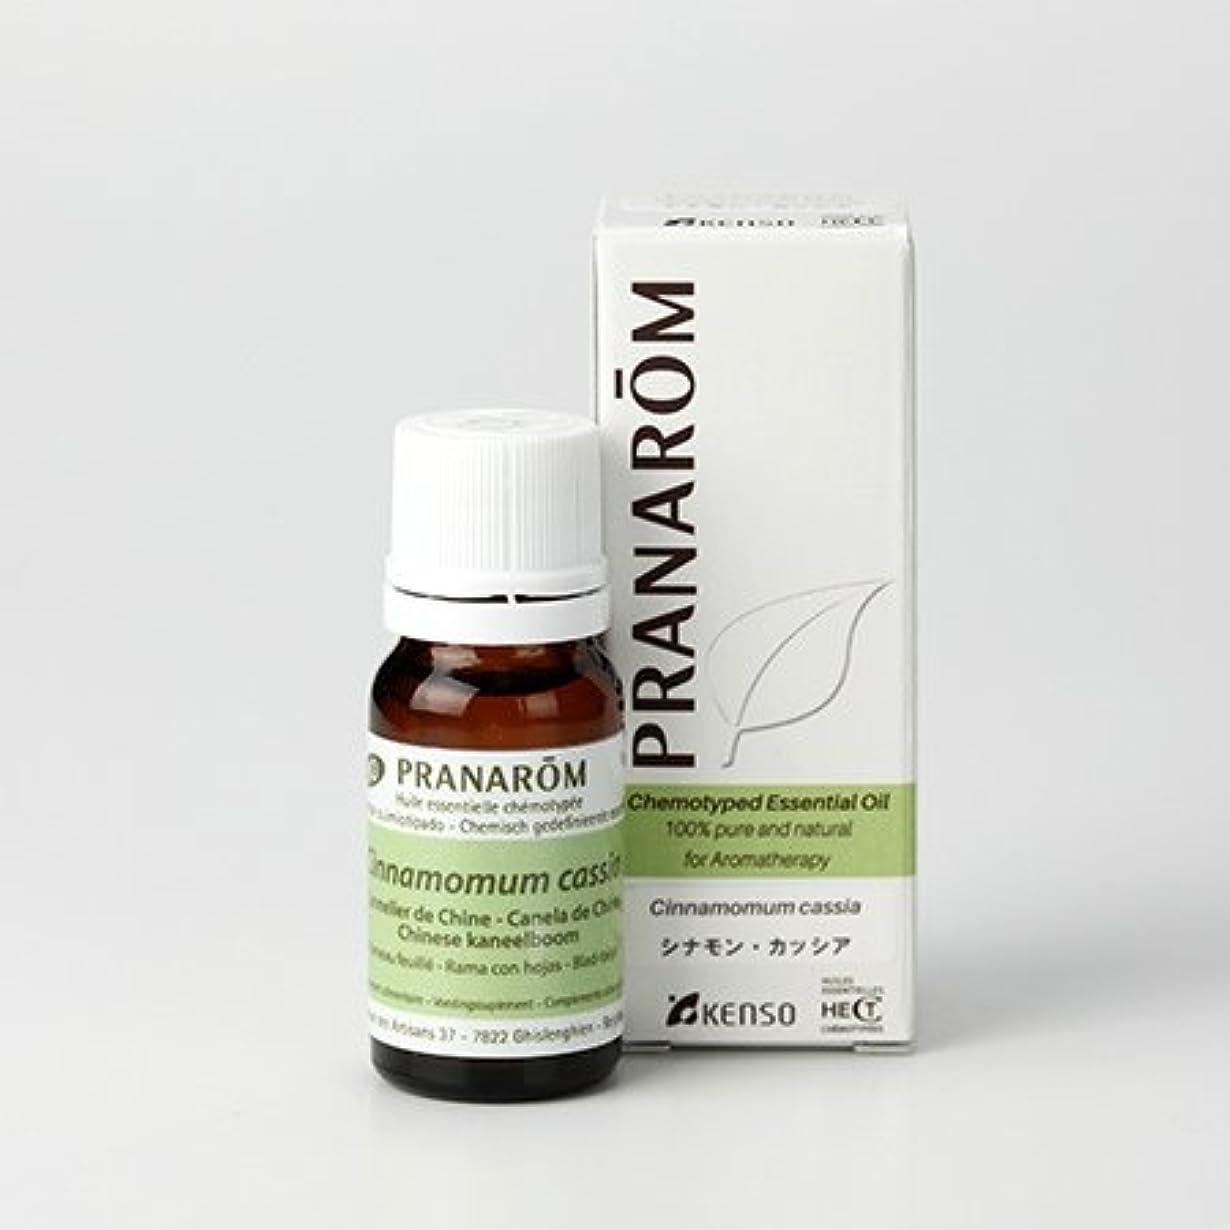 作成者患者切るプラナロム シナモンカッシア 10ml (PRANAROM ケモタイプ精油)